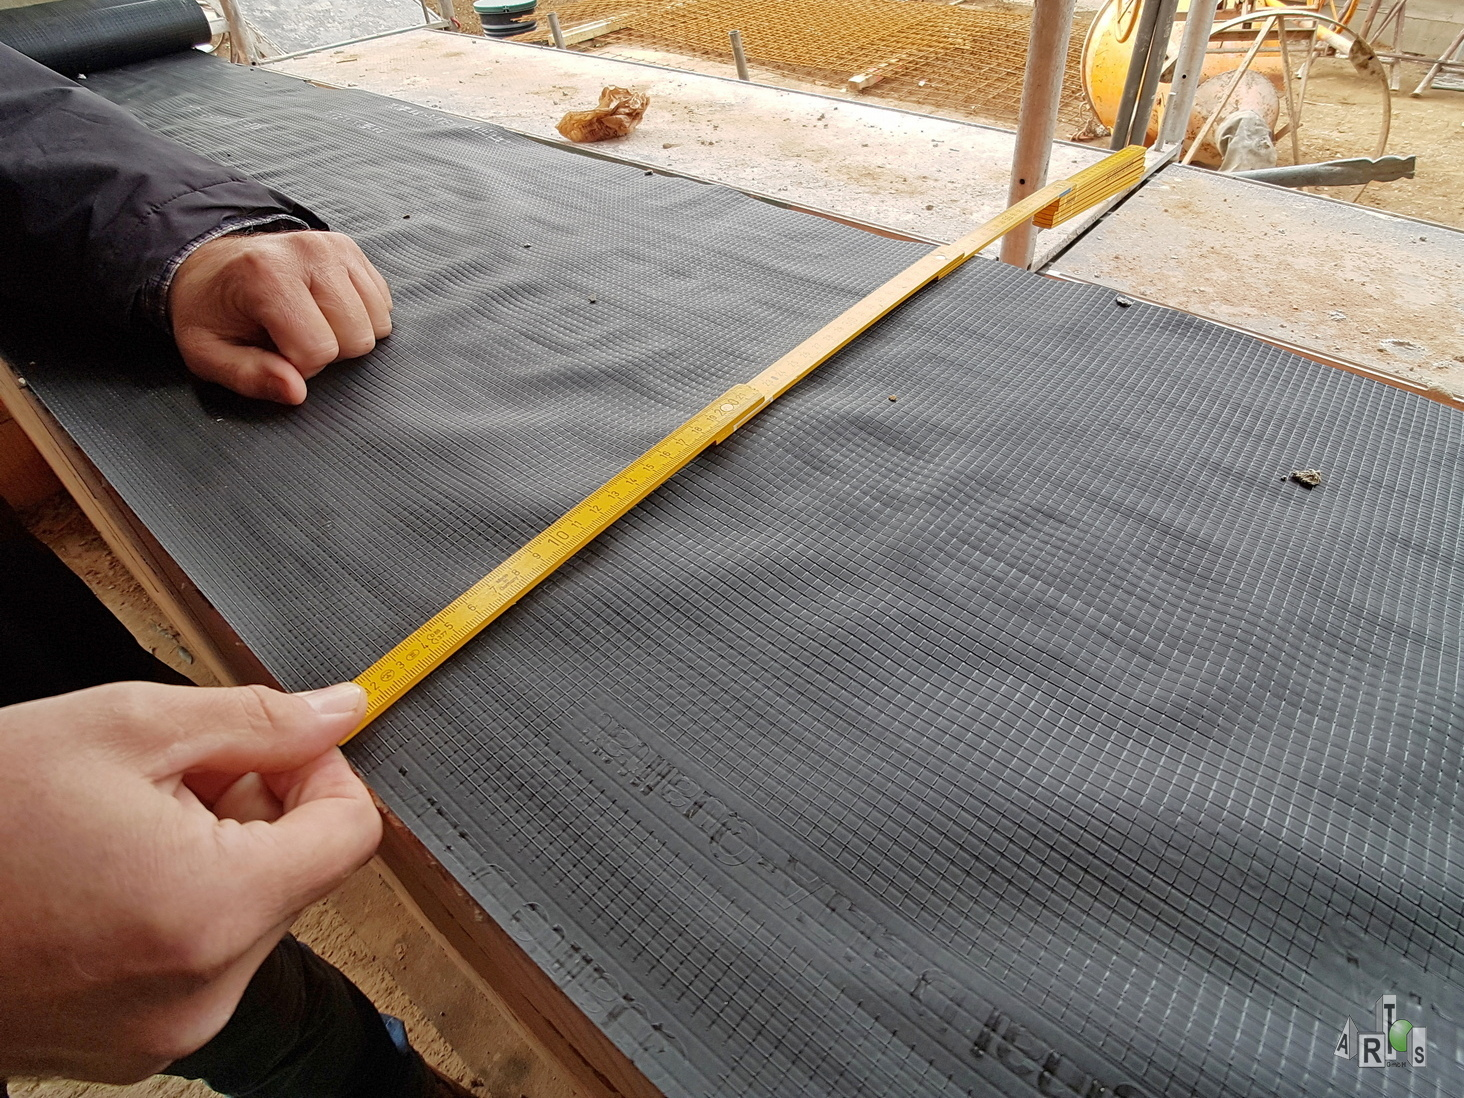 ARTOS Bauleiter Thomas Braun zeigt das 42,5 dicke Mauerwerk beim Bauvorhaben in Hürth. Bild 2